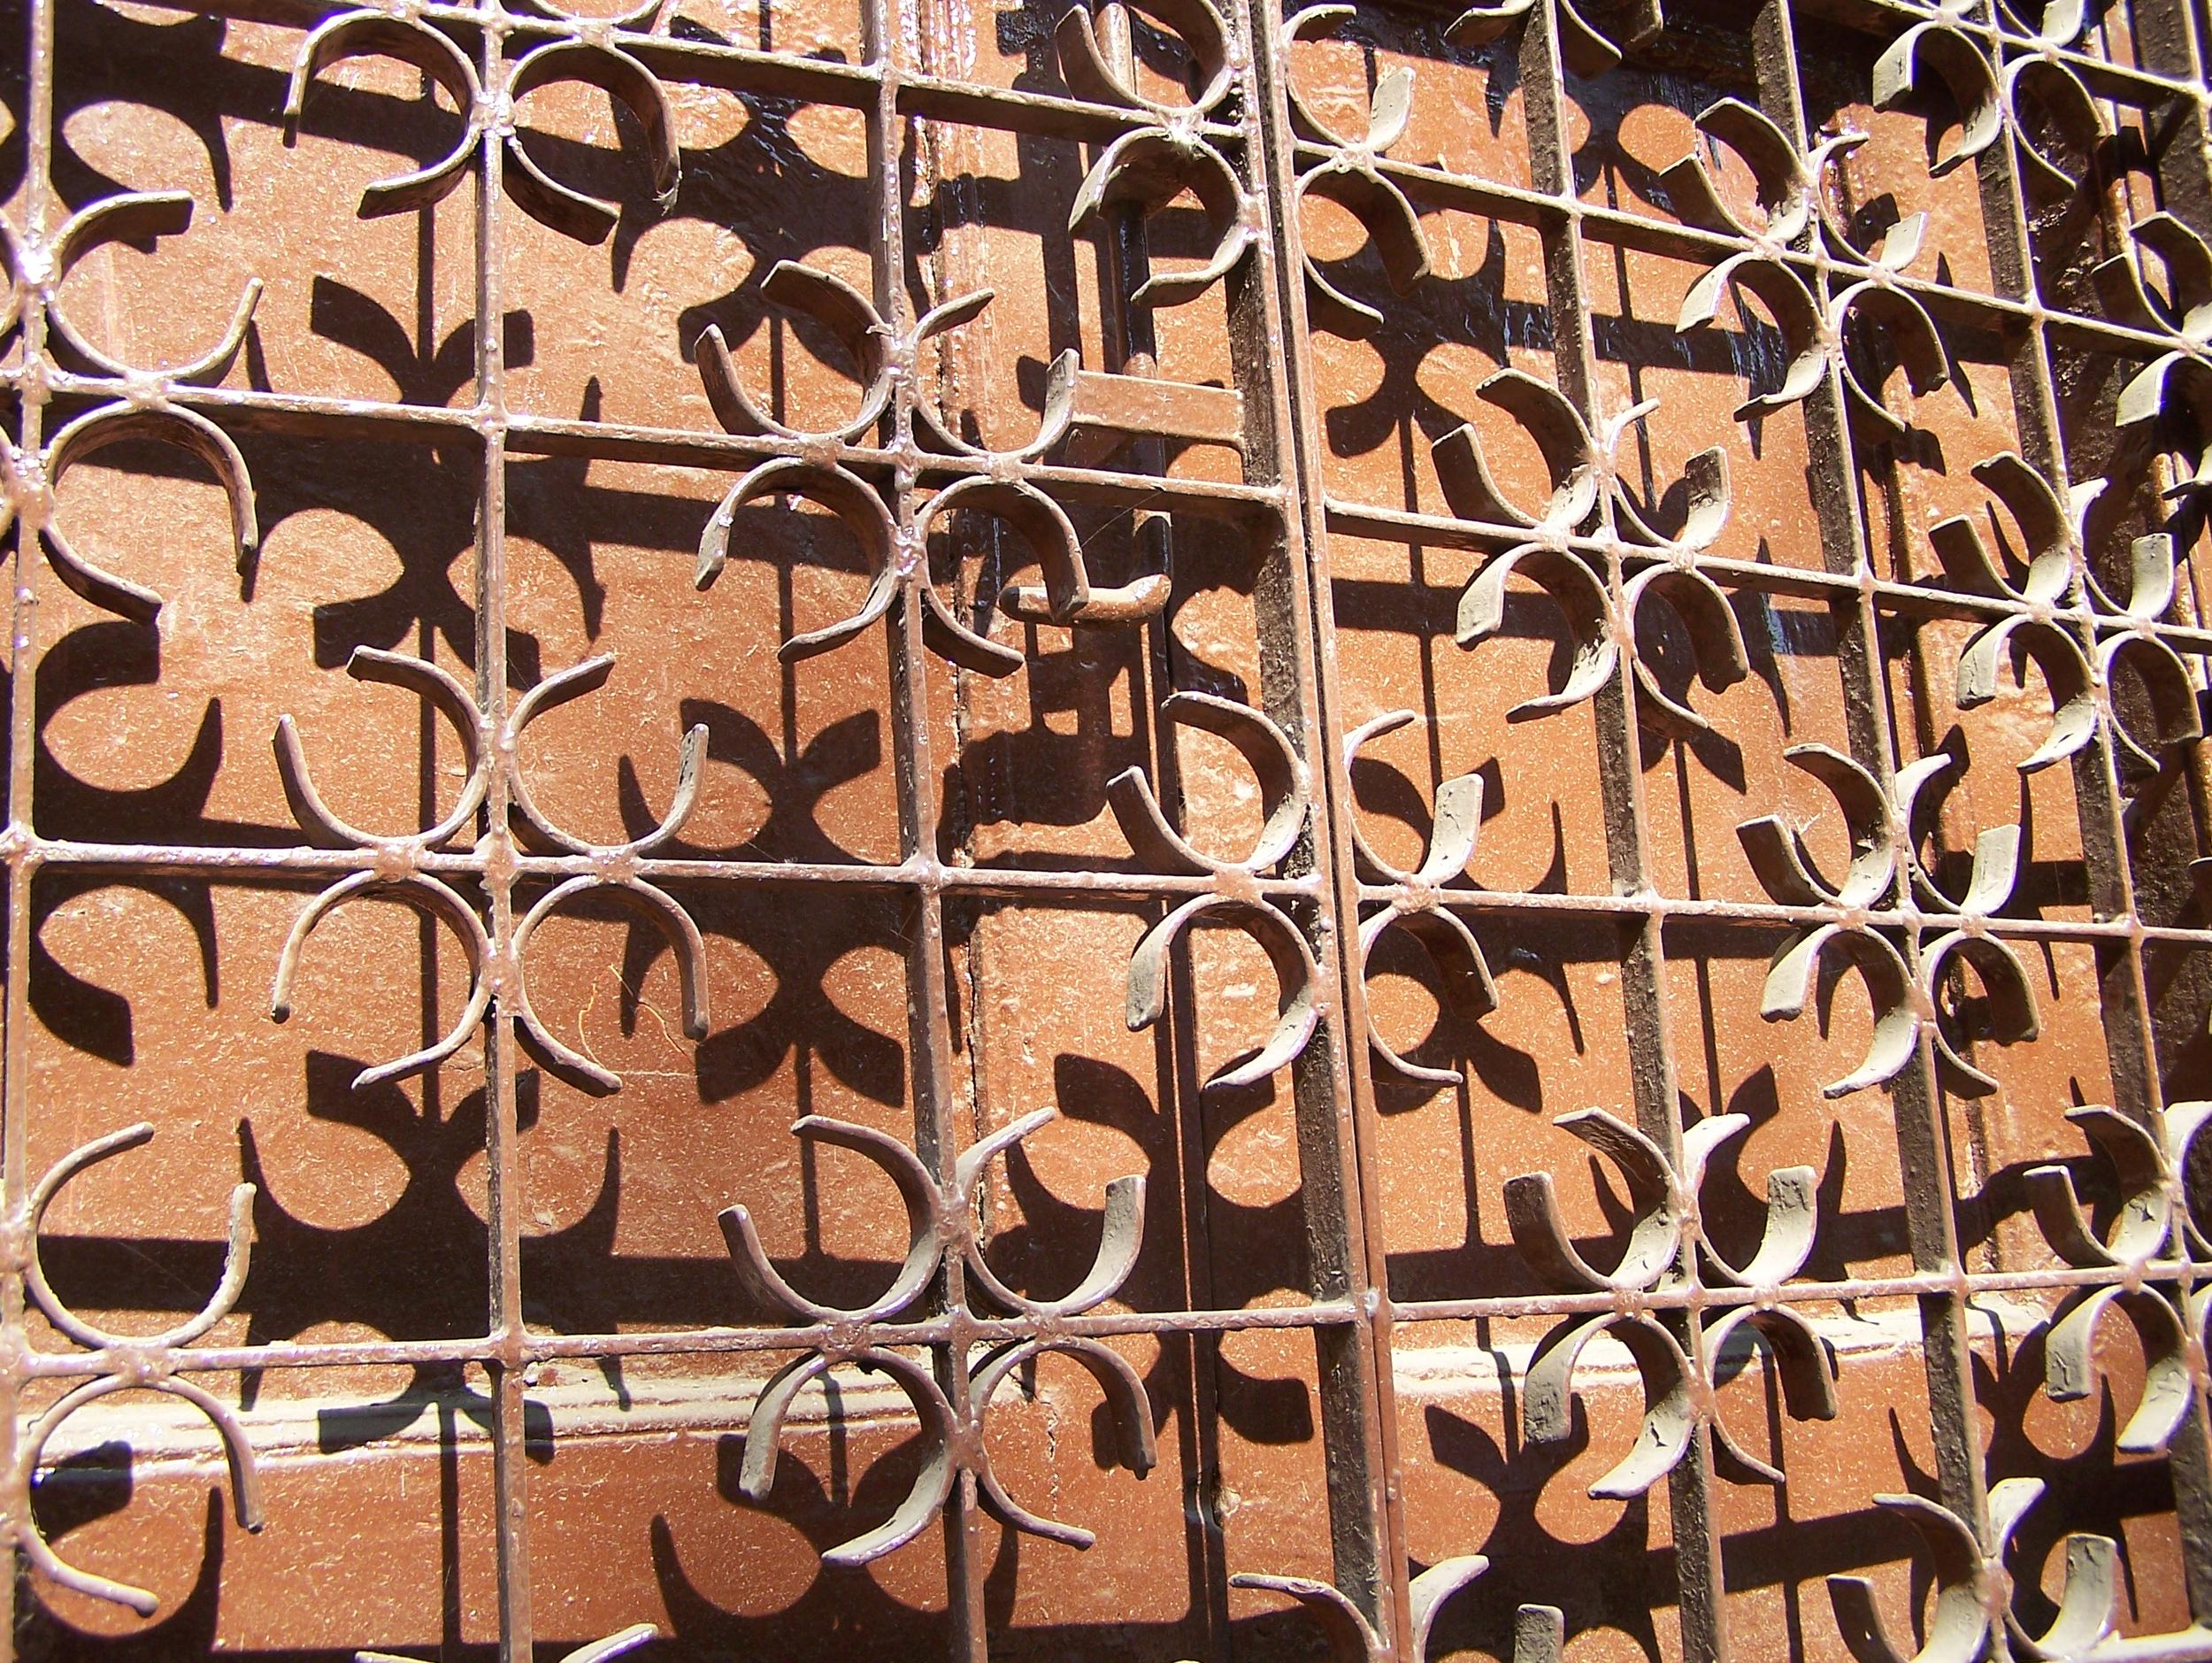 Decorative gate in Pune, India